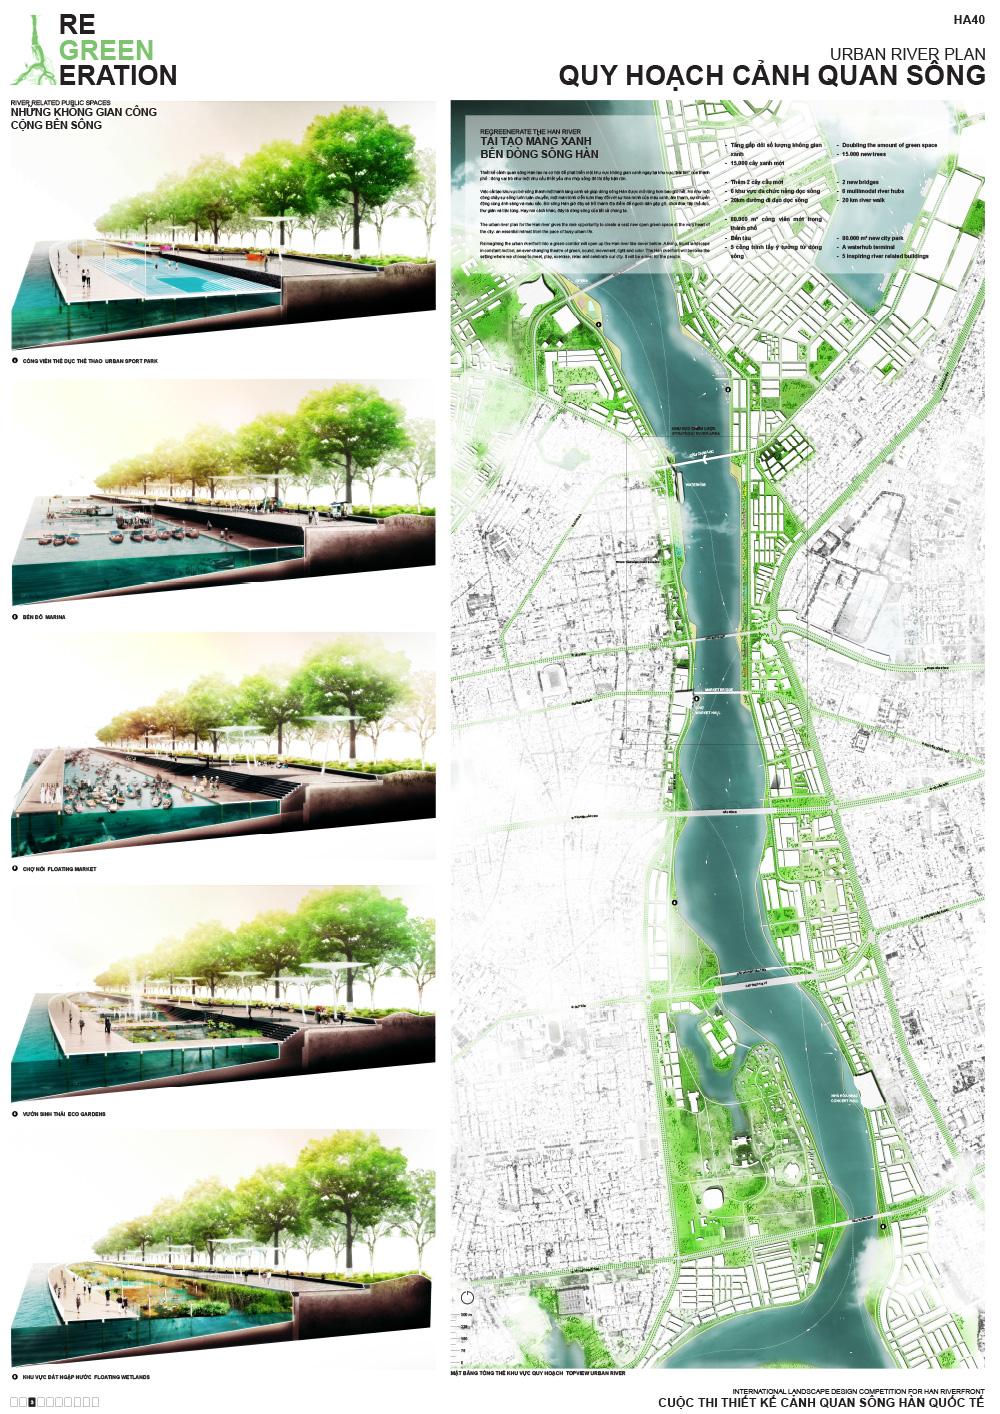 ha40_pdf_003_panels_a0_-3